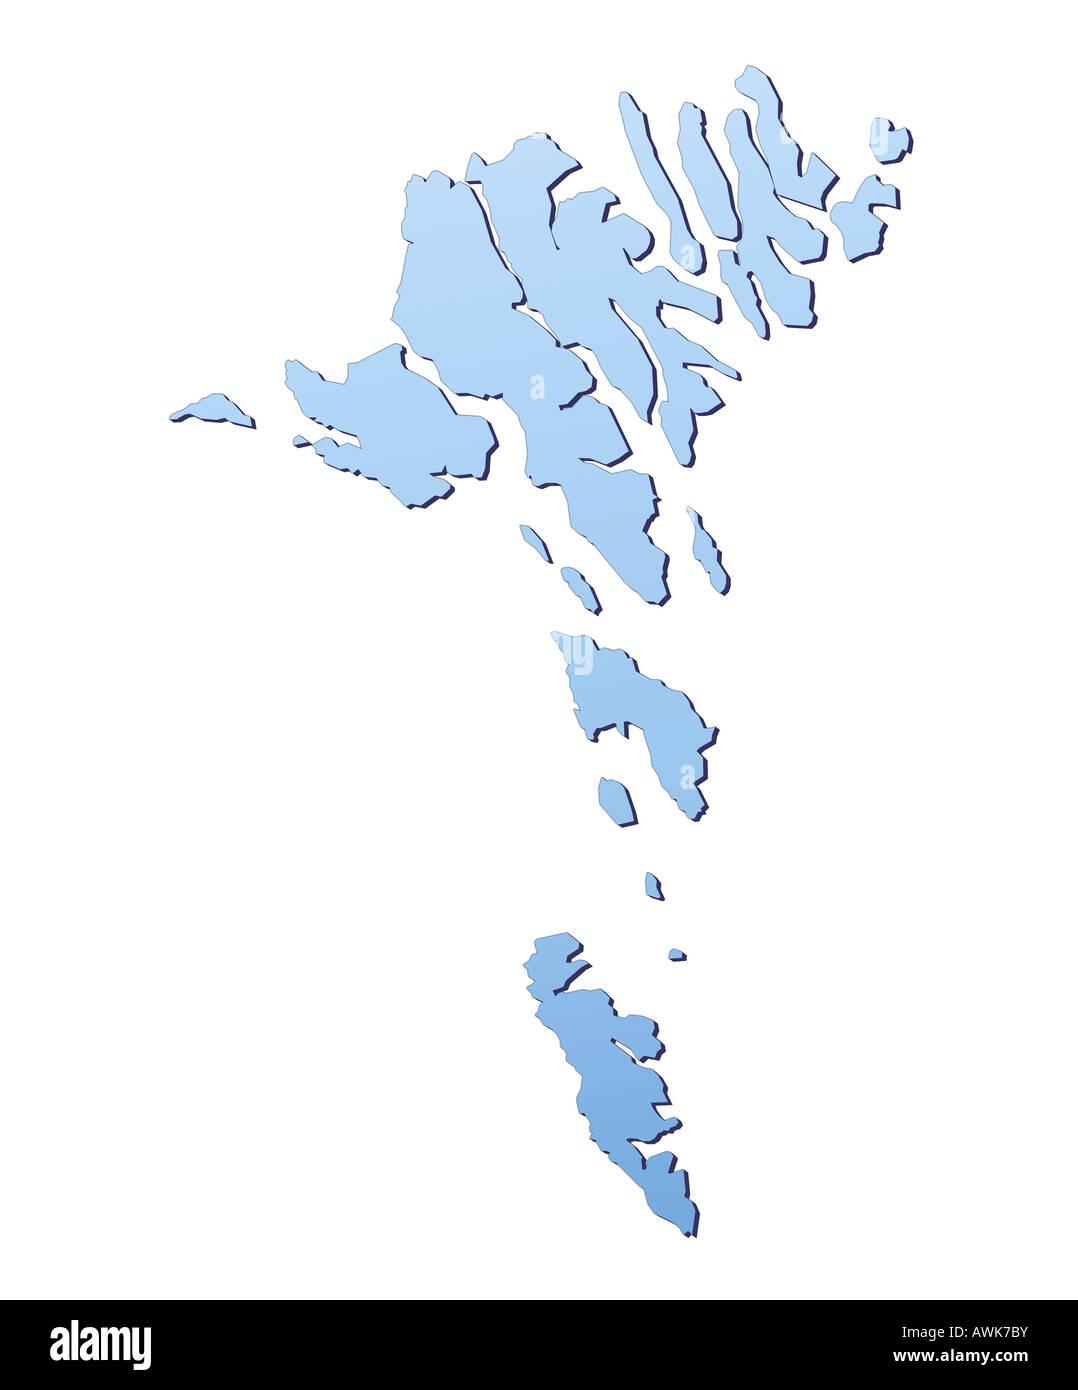 Färöer Inseln Karte.Färöer Inseln Karte Stockfoto Bild 16601342 Alamy